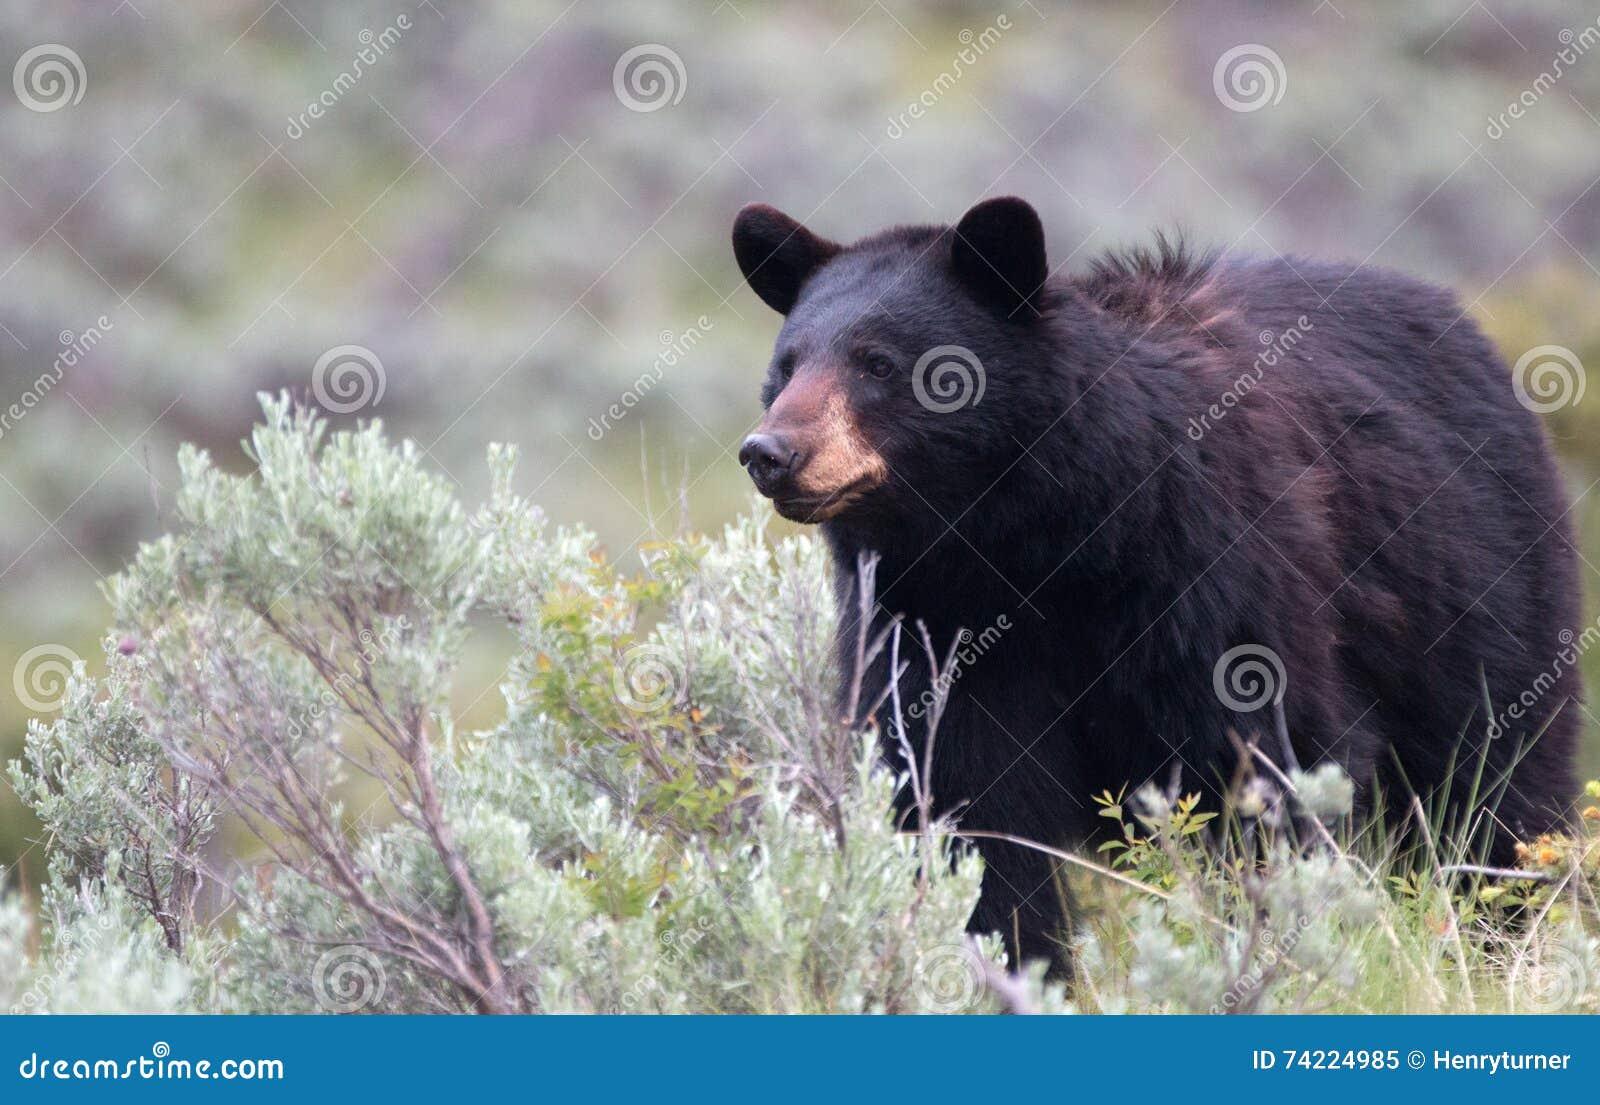 Ursus americano fêmea do urso preto americano no parque nacional de Yellowstone em Wyoming